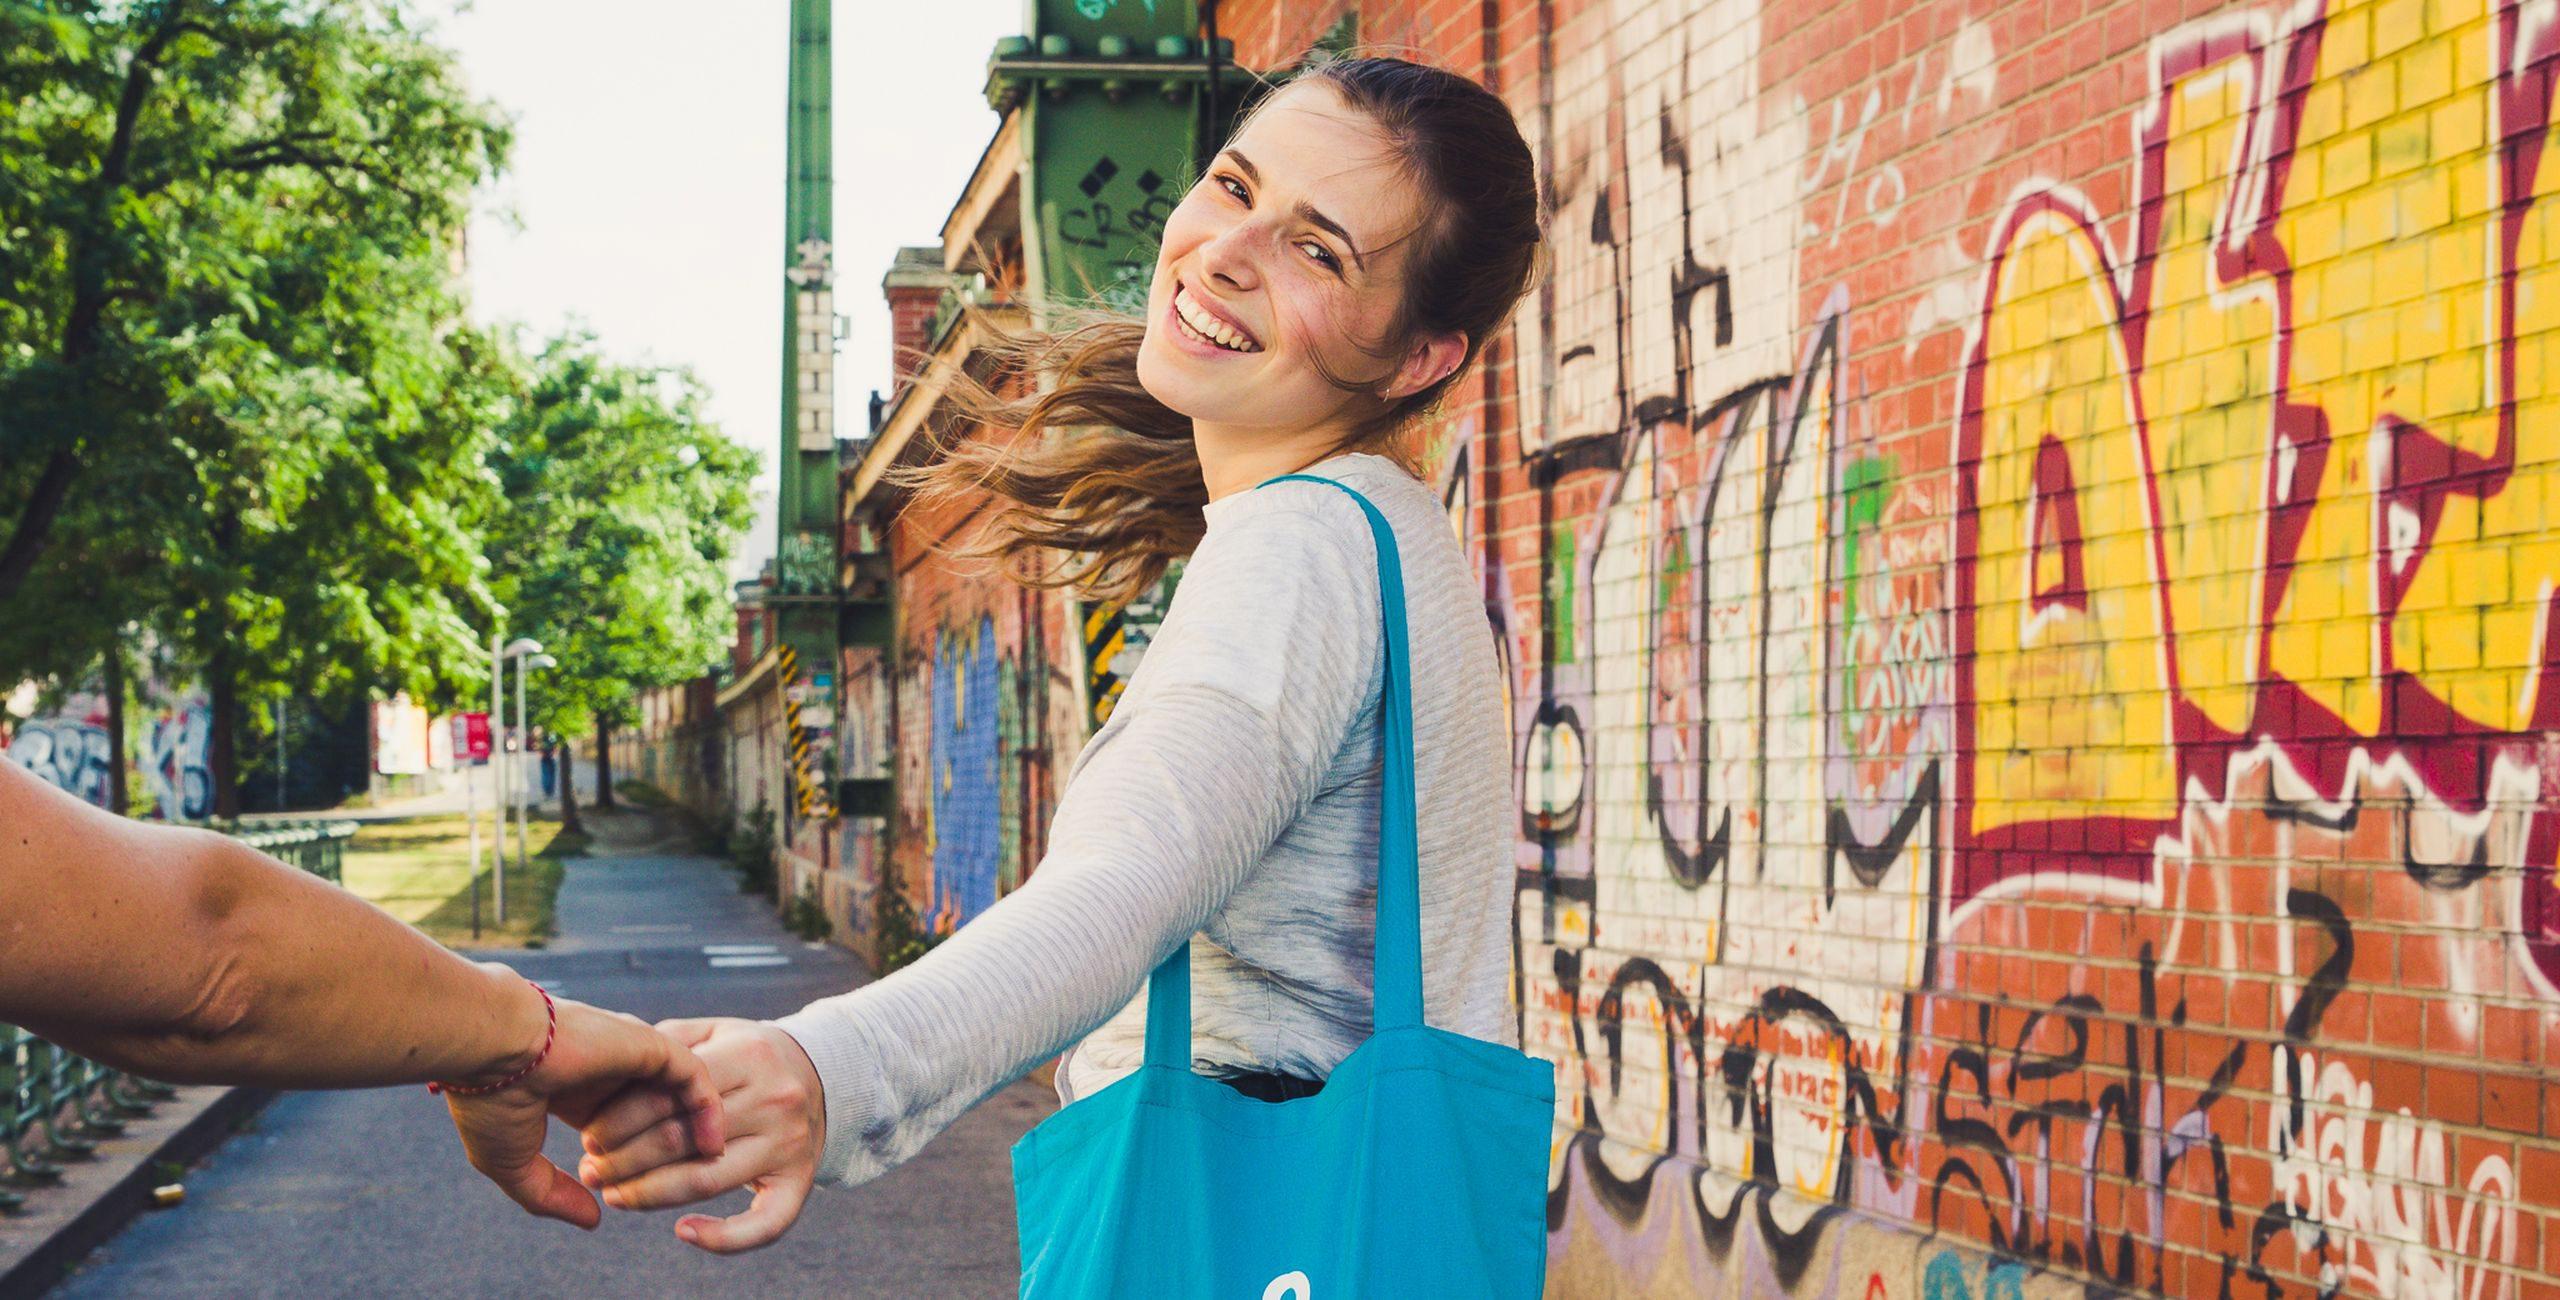 Junge Frau geht entlang einer bemalten Mauer und schaut nach hinten. Sie streckt die Hand aus. Foto: Heidi Pein